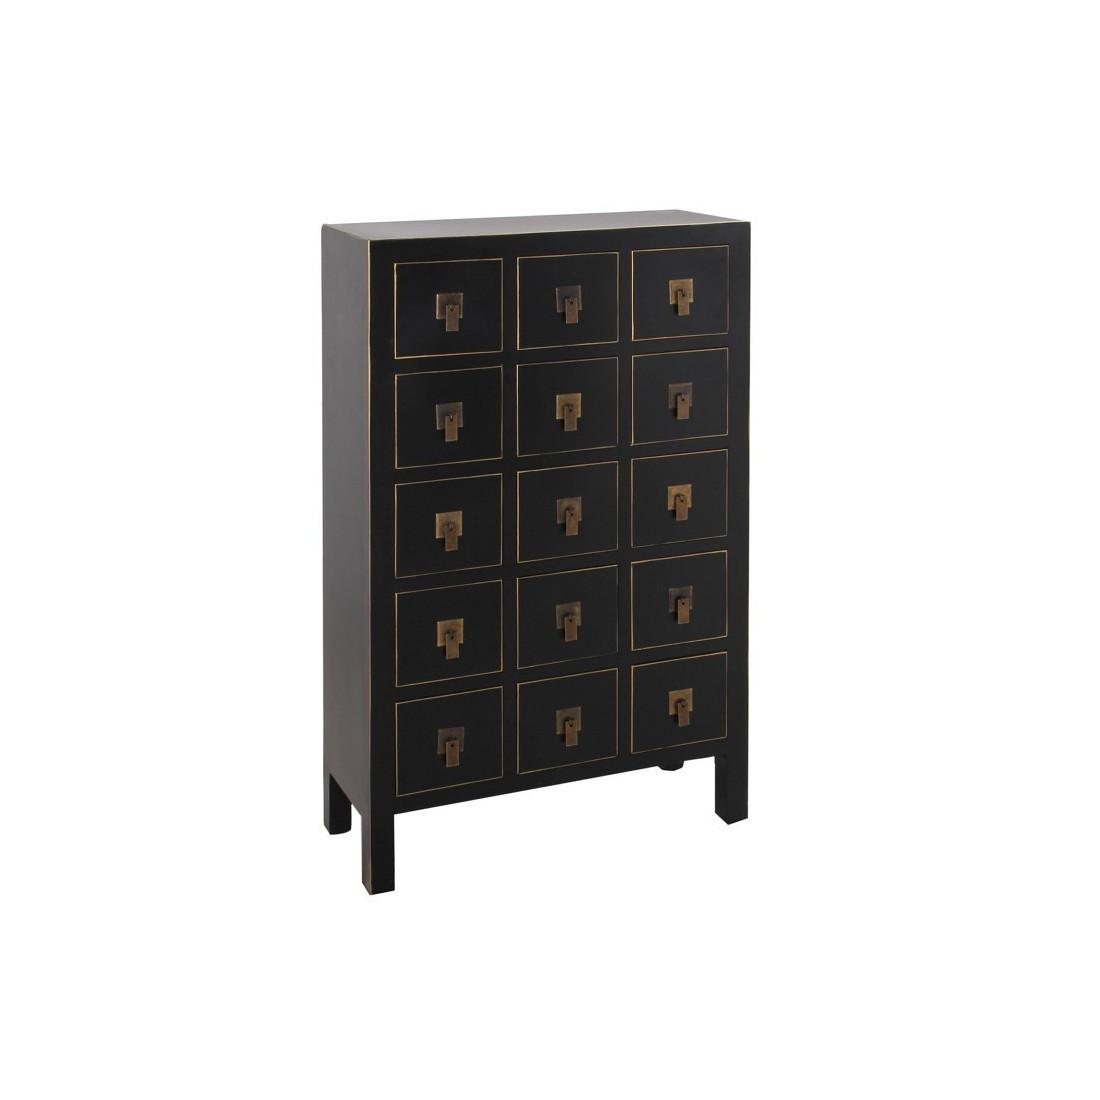 chiffonnier noir meuble chinois pekin univers des petits meubles. Black Bedroom Furniture Sets. Home Design Ideas